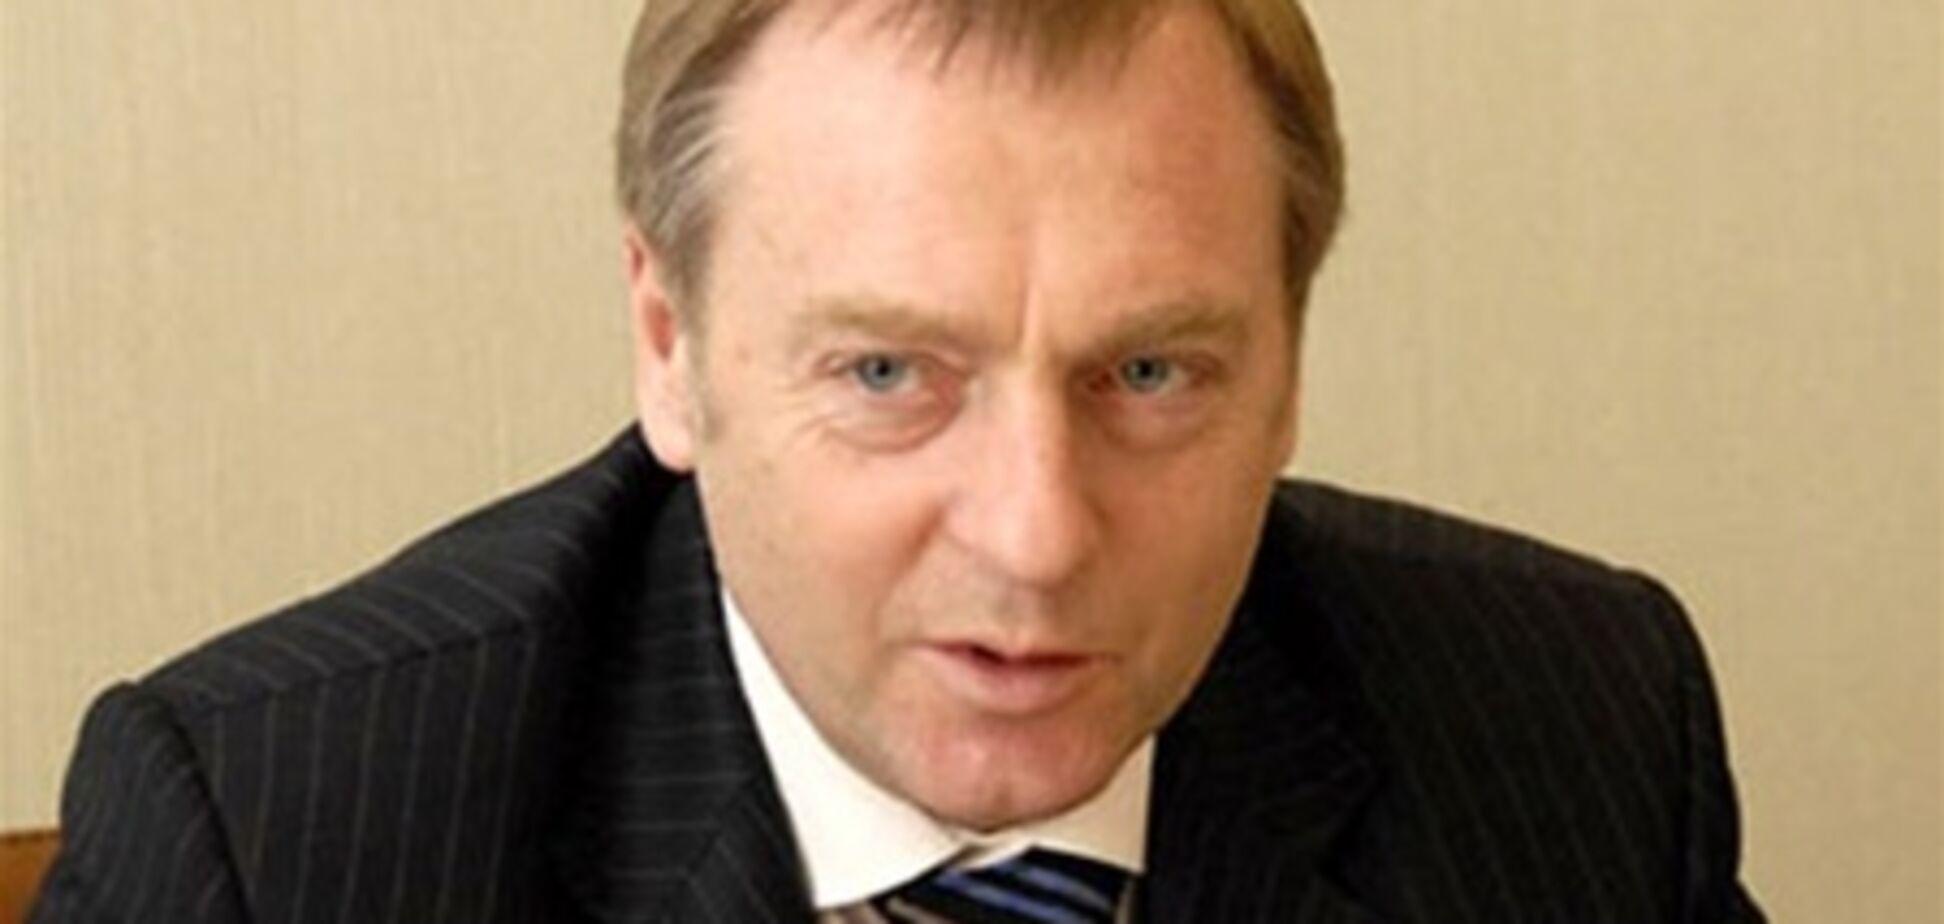 Лавринович: менять Конституцию на референдуме - нормальный процесс